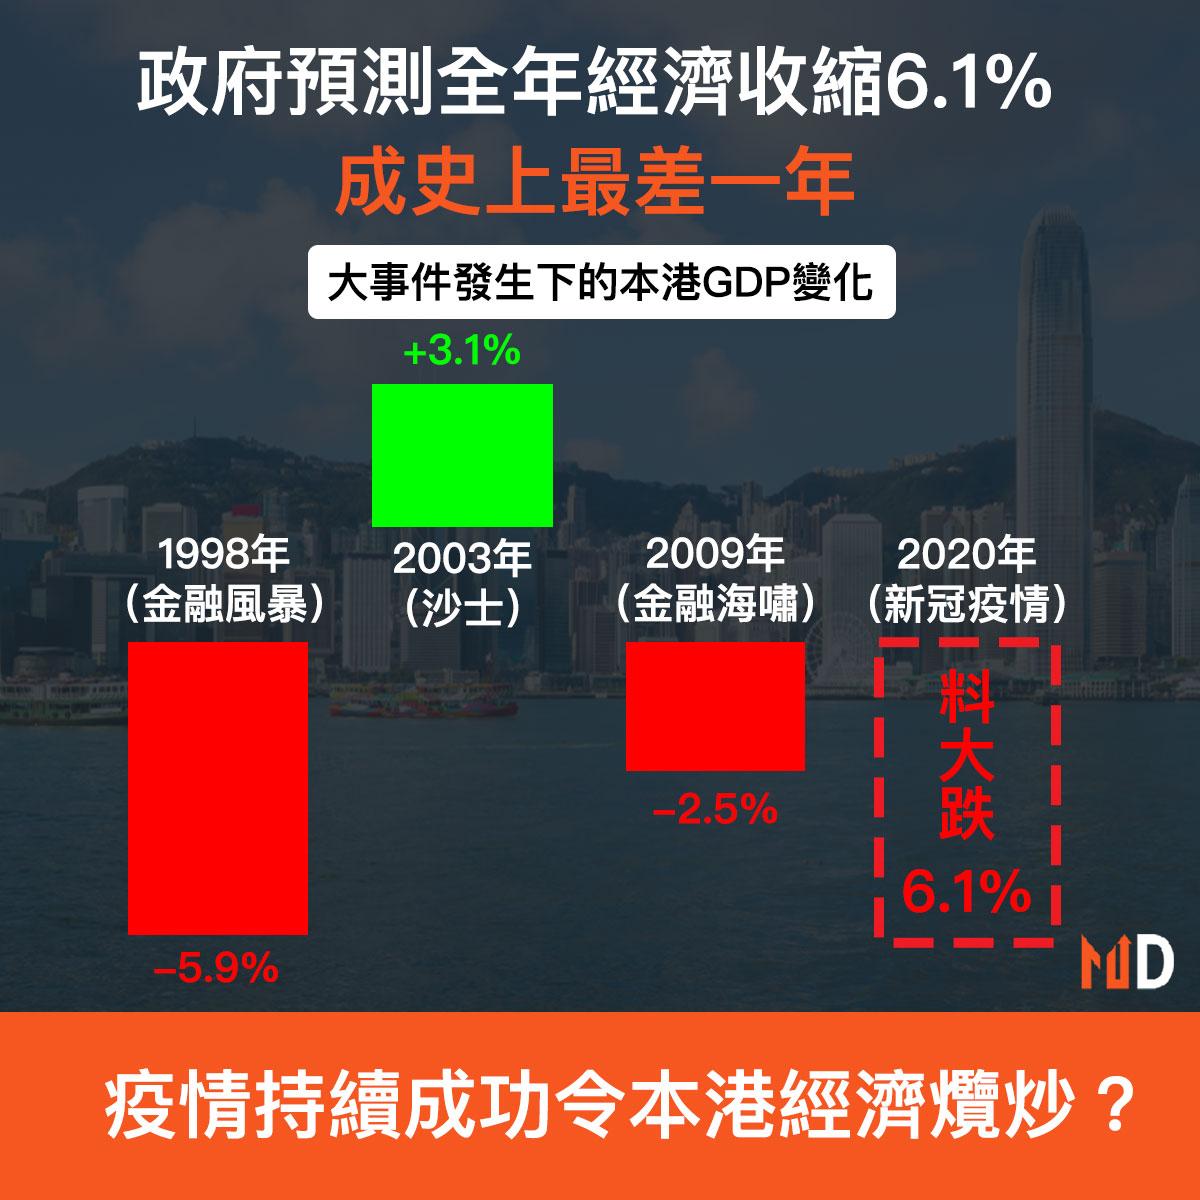 本港經濟受重創